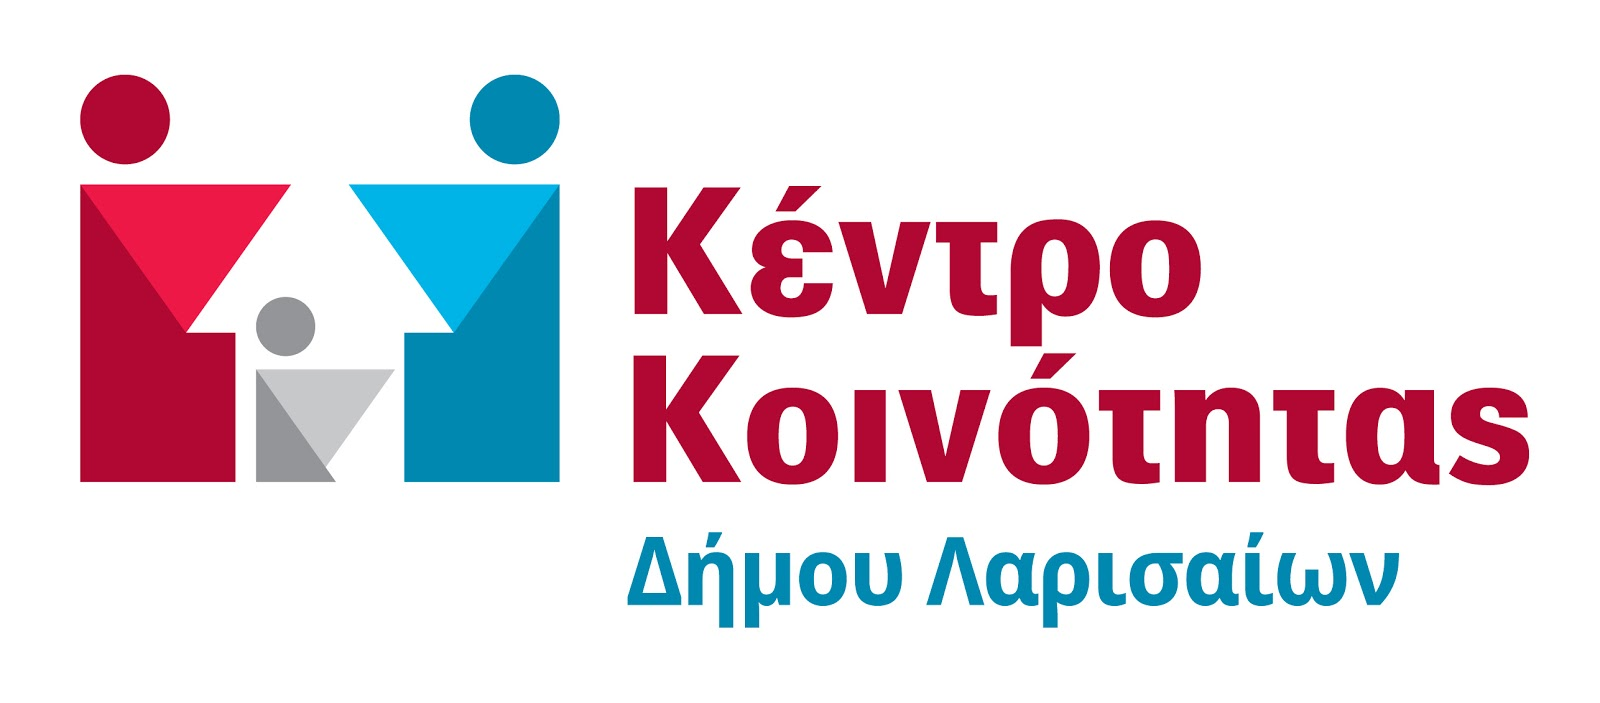 Το Κέντρο Κοινότητας του Δήμου Λαρισαίων ενημερώνει…. τους εκπαιδευόμενος του 1ου ΣΔΕ